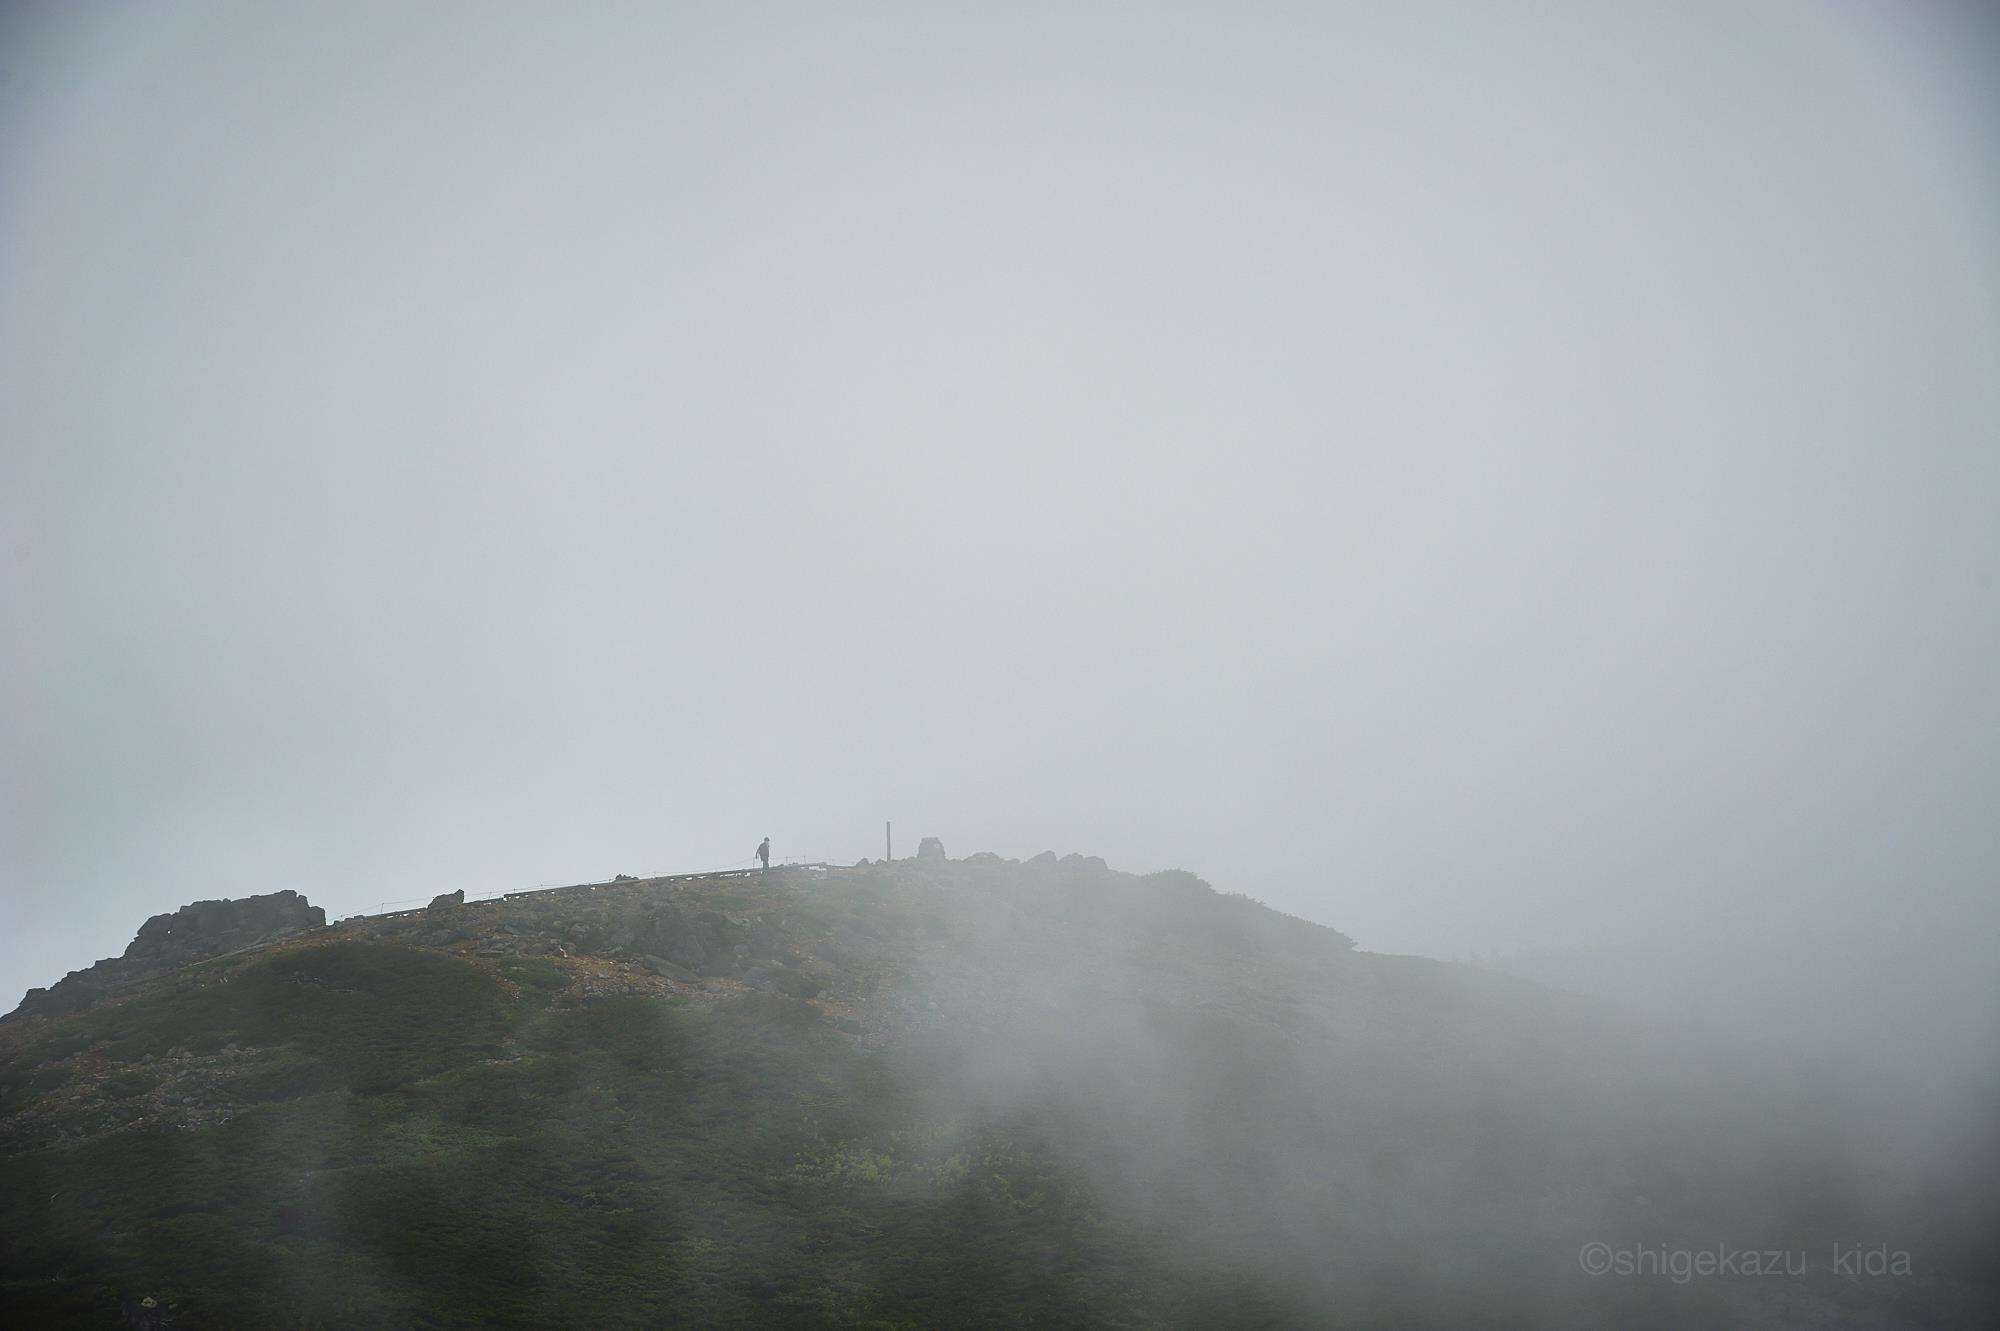 靄の本白根山山頂稜線